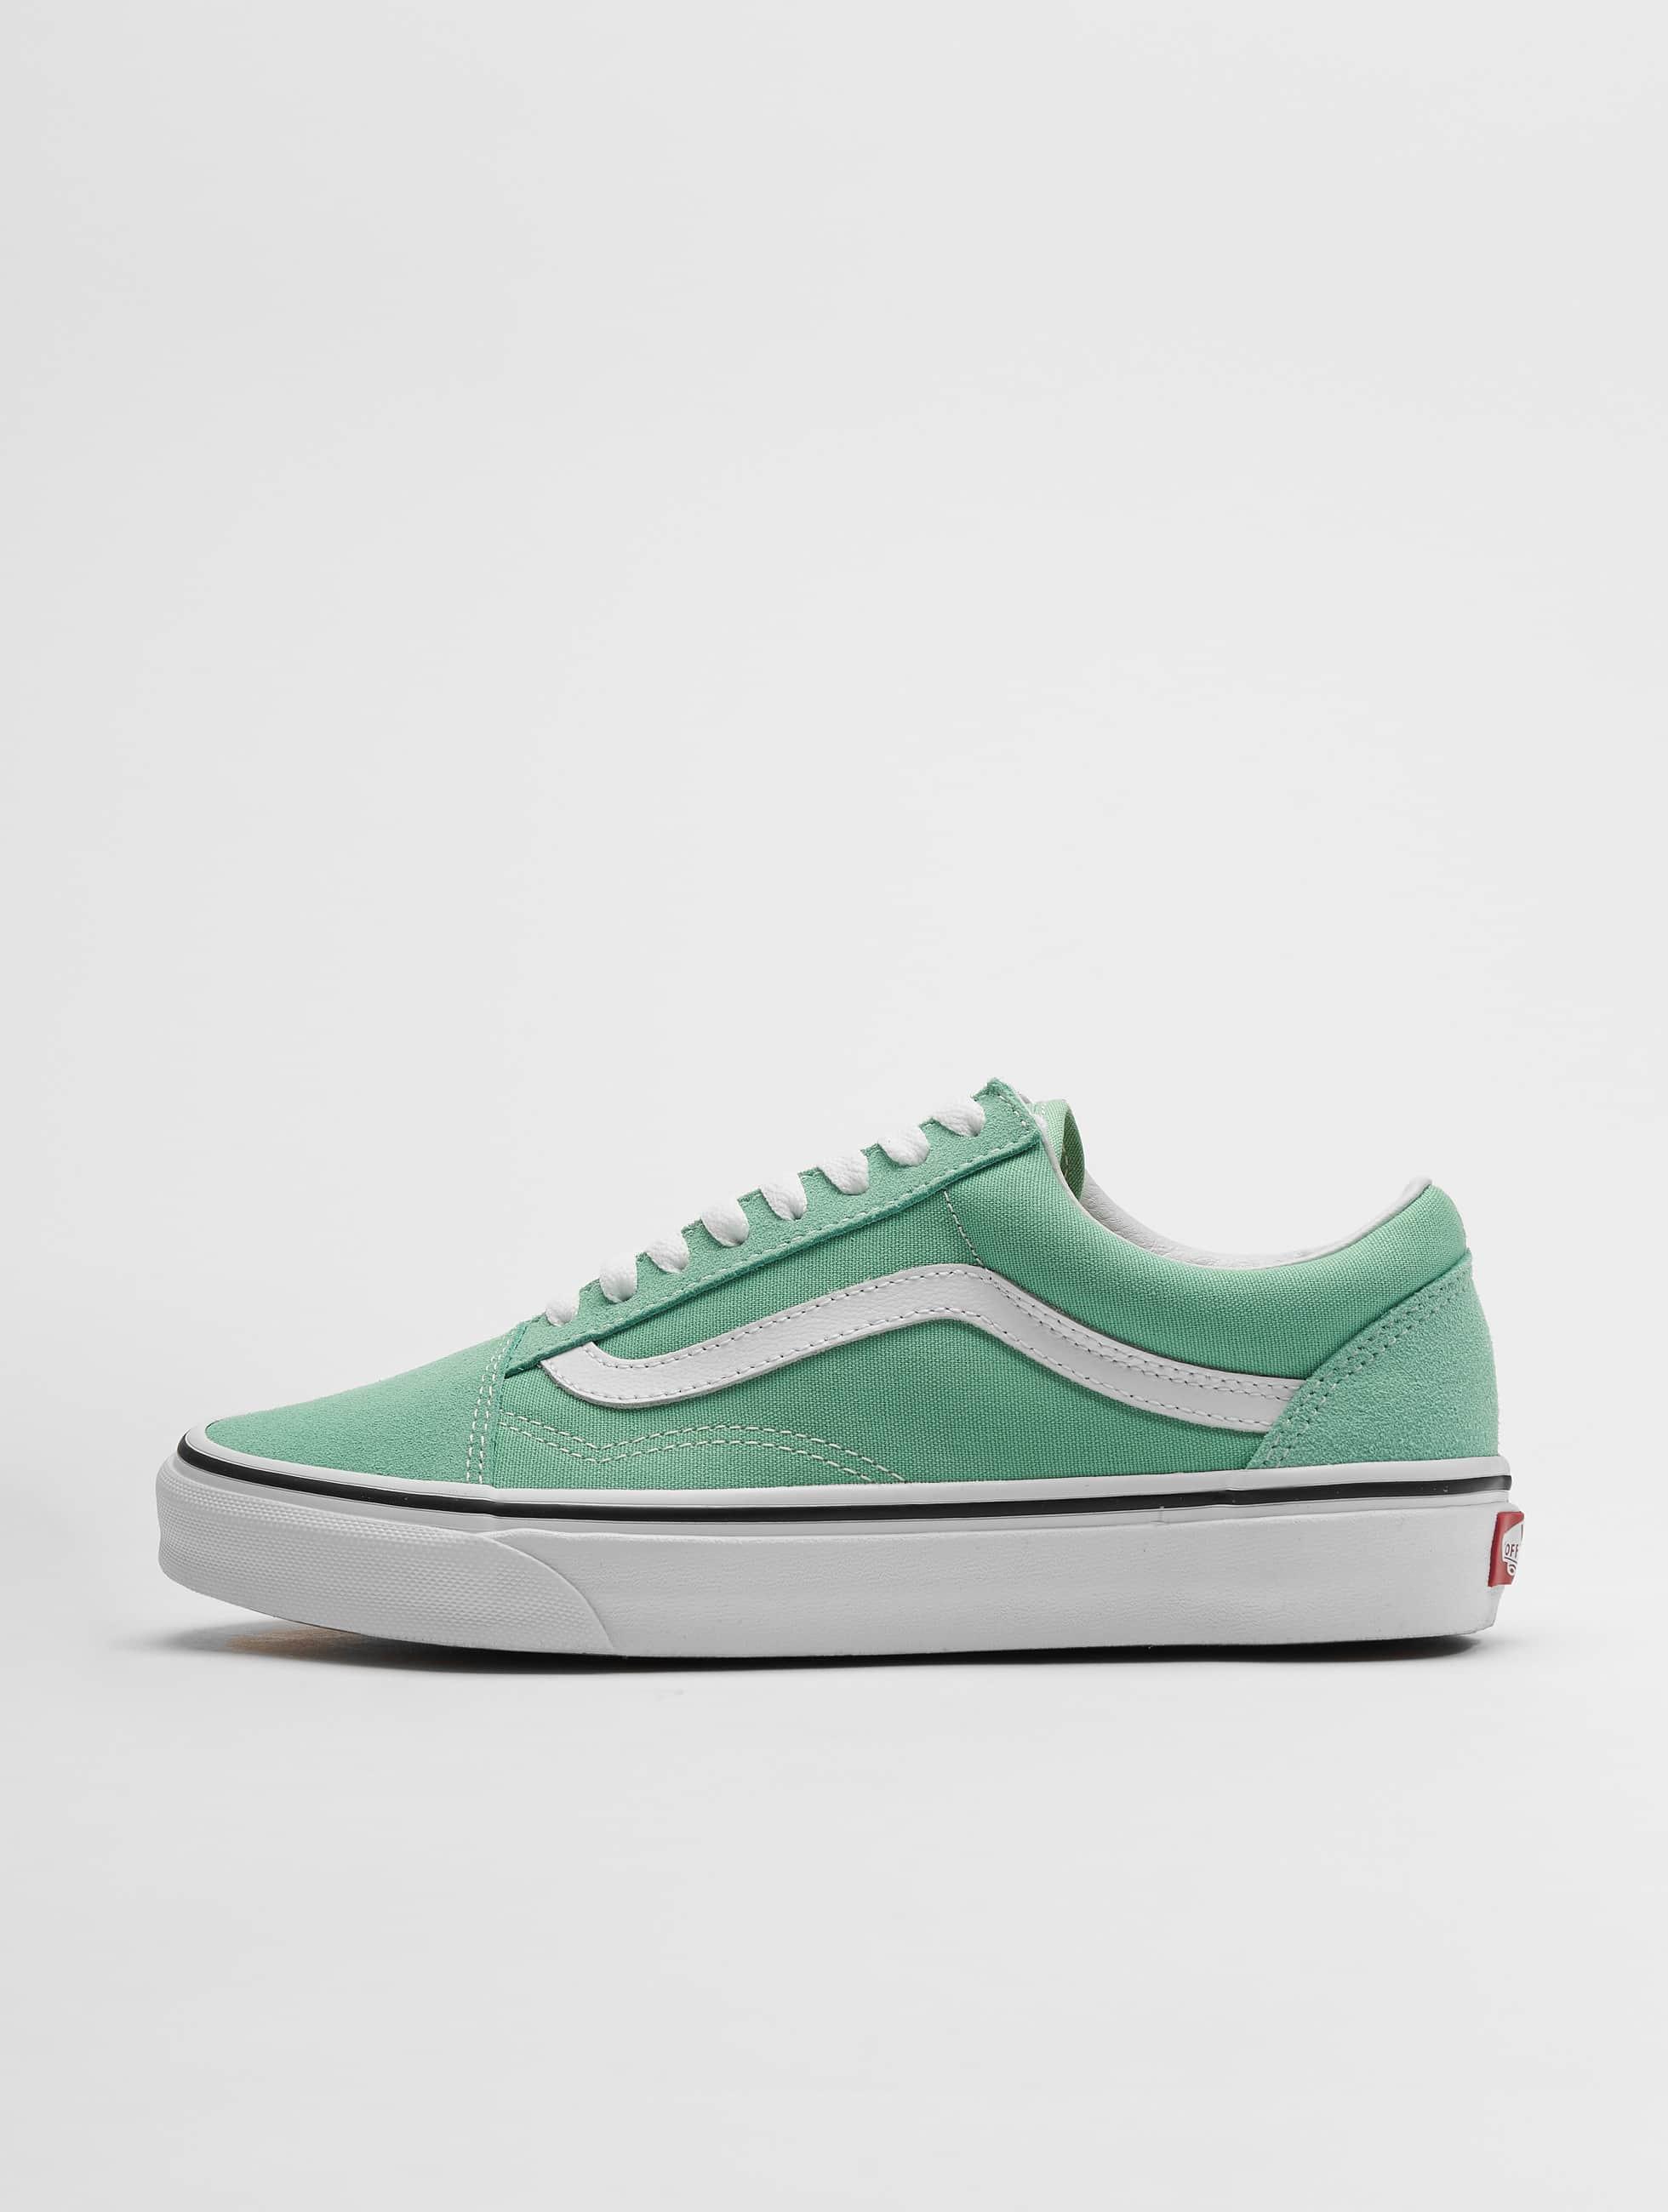 fcaff10d40e Vans Sko / Sneakers UA Old Skool i grøn 632215